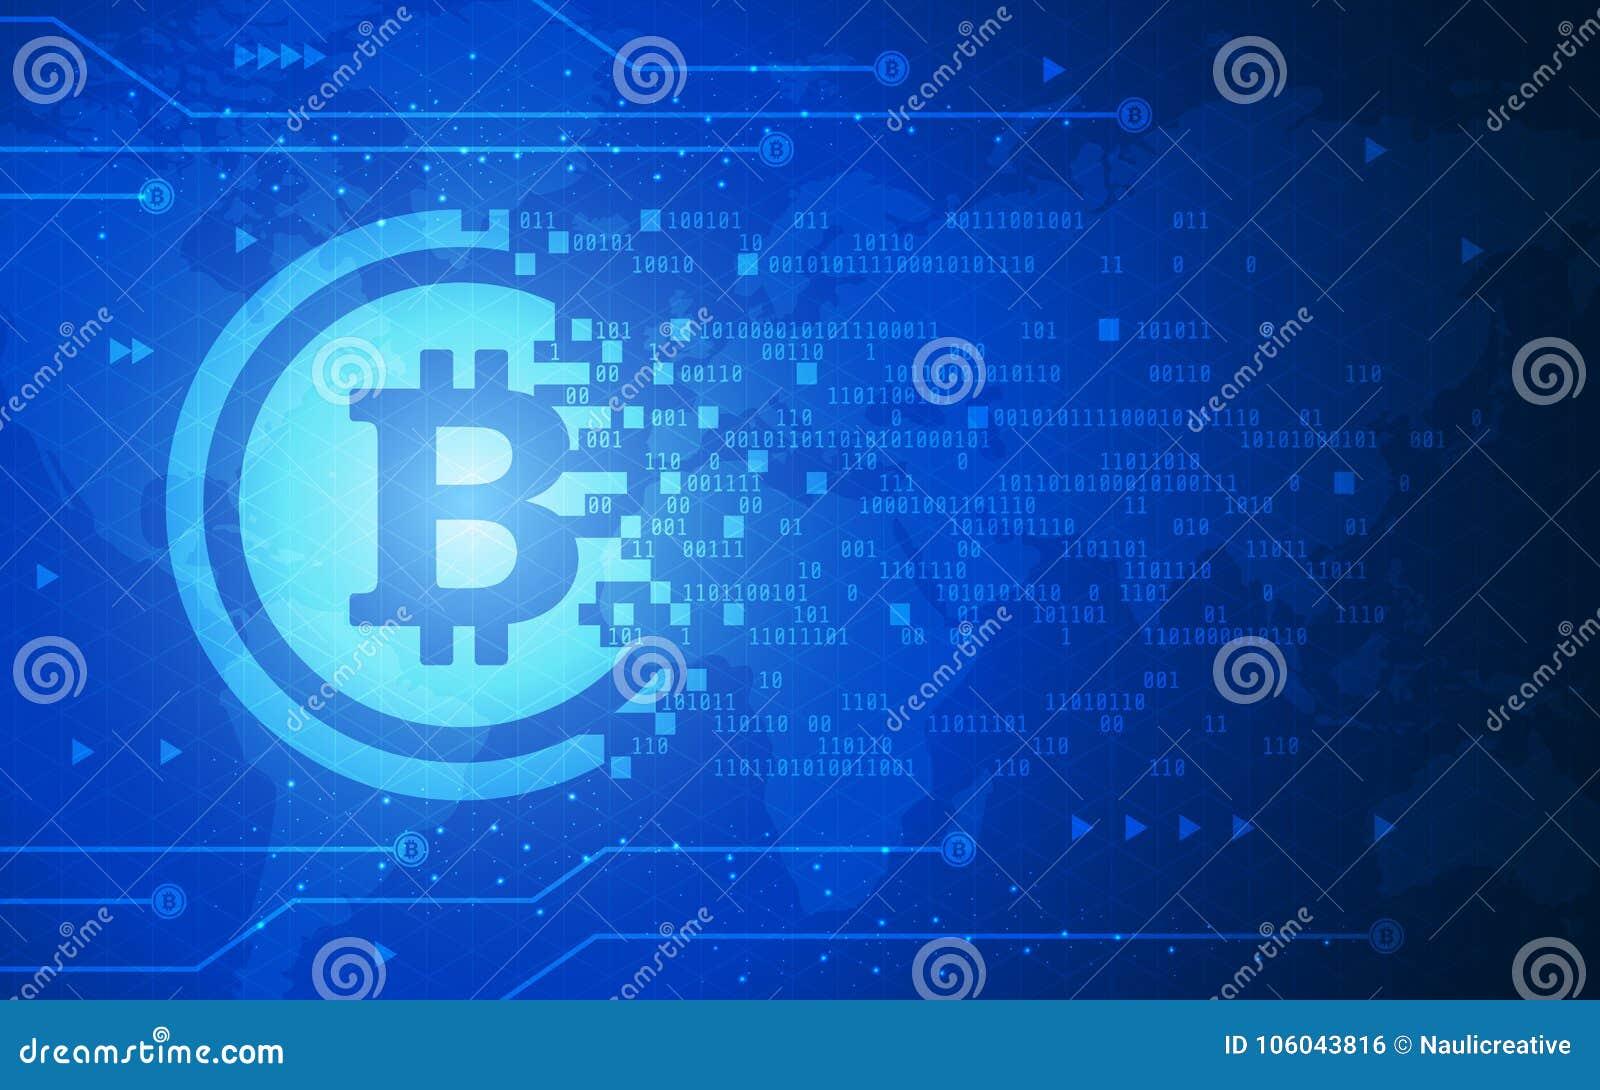 bitcoin hd)